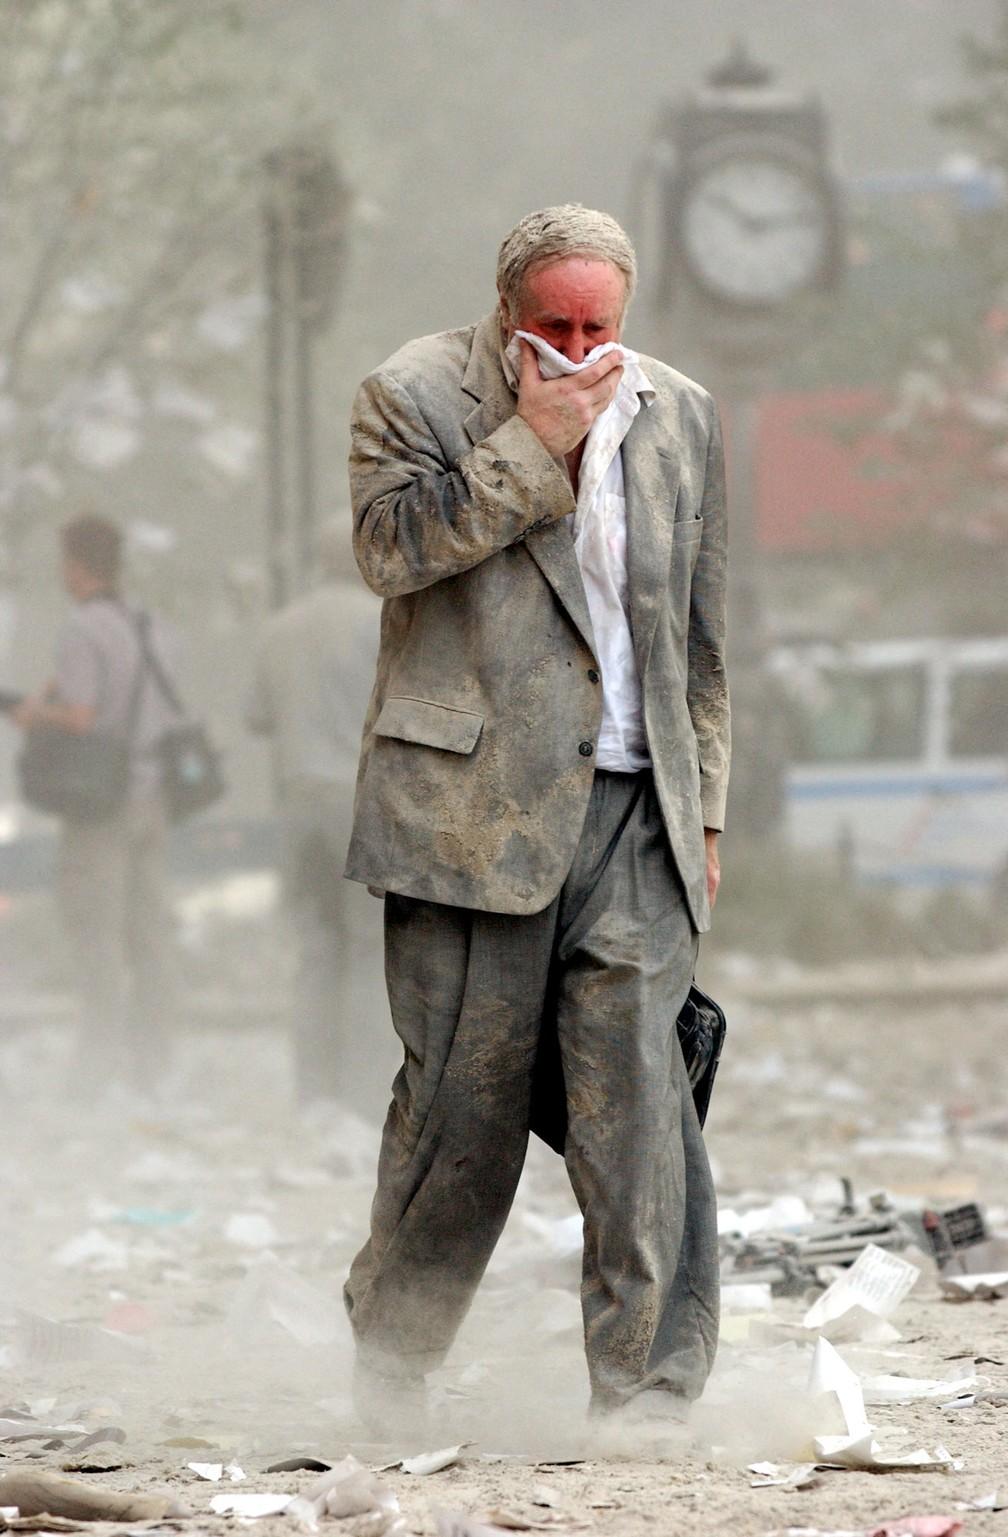 Sobrevivente do 11 de Setembro, Edward Fine cobre a boca enquanto caminha em meio a pó e destroços após a queda de uma das Torres Gêmeas em Nova York — Foto: Stan Honda/AFP/Arquivo